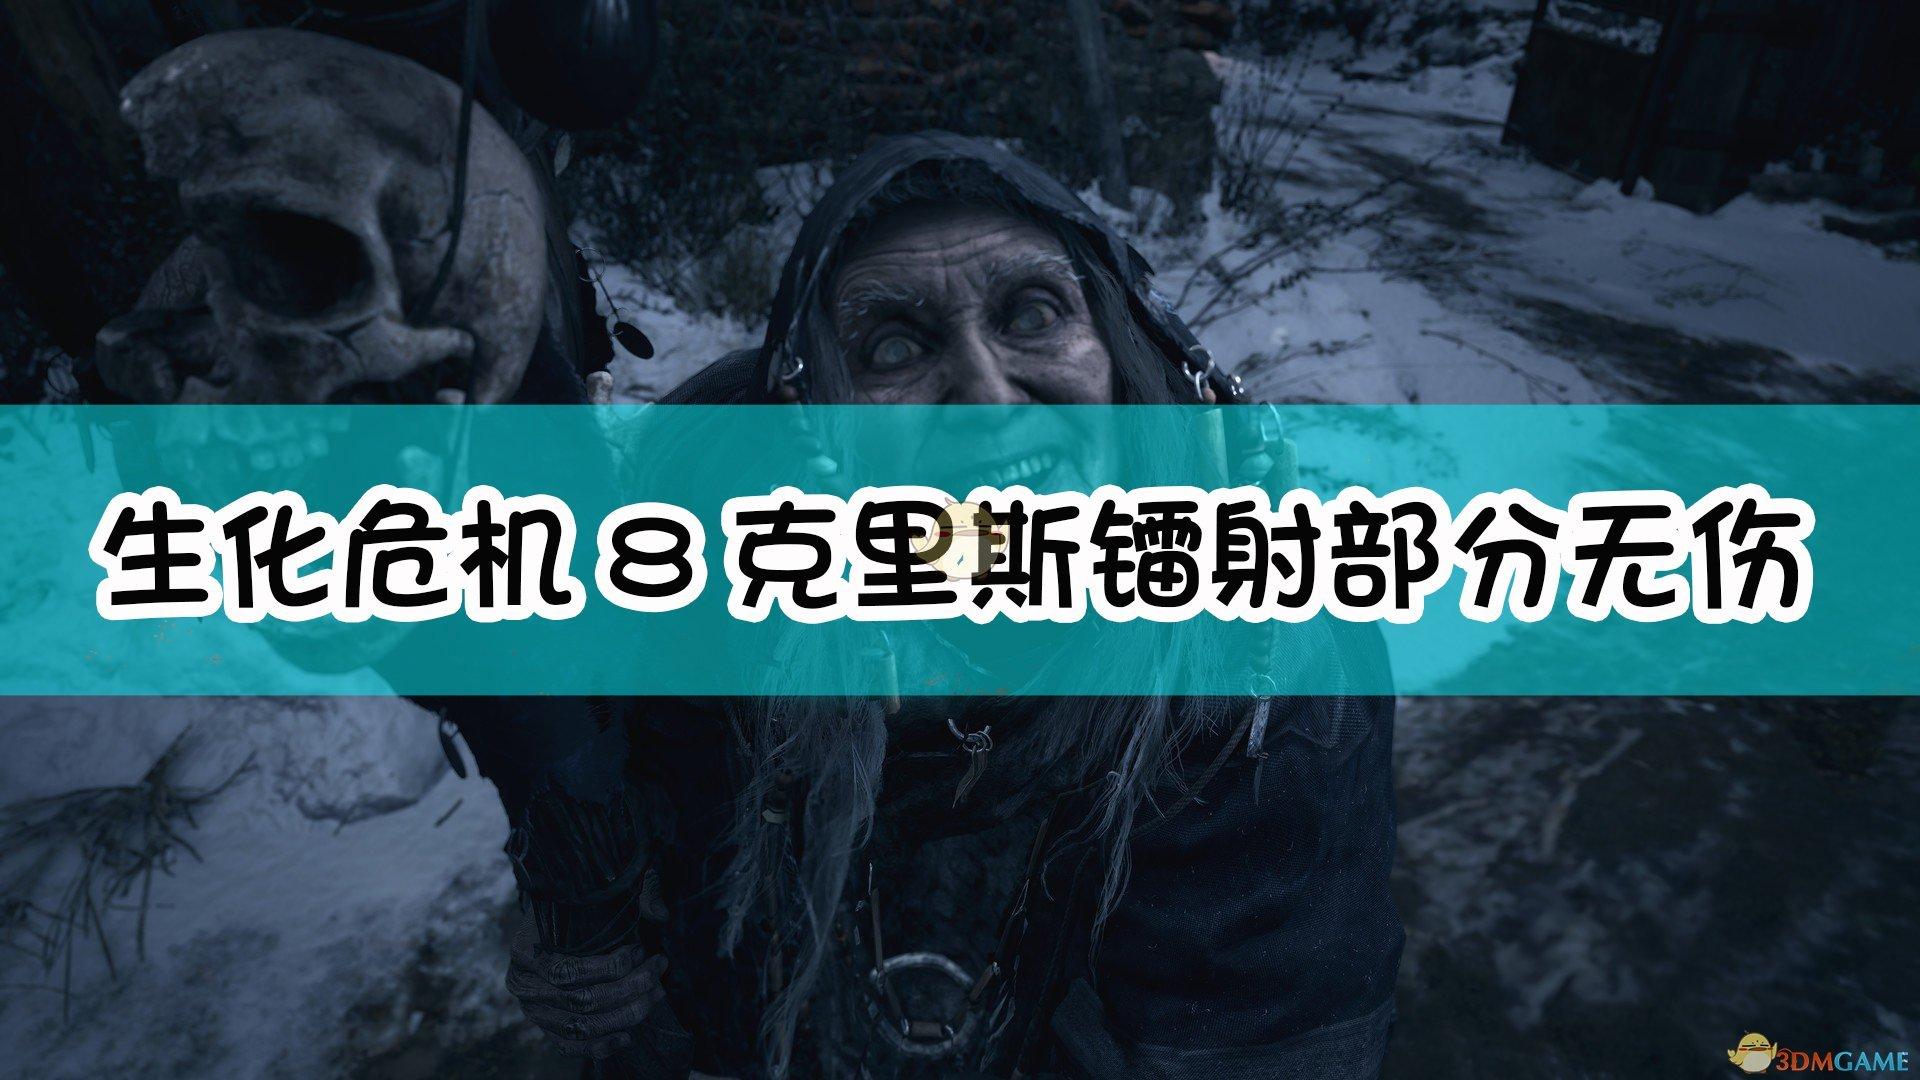 《生化危机8:村庄》克里斯镭射枪部分无伤方法介绍